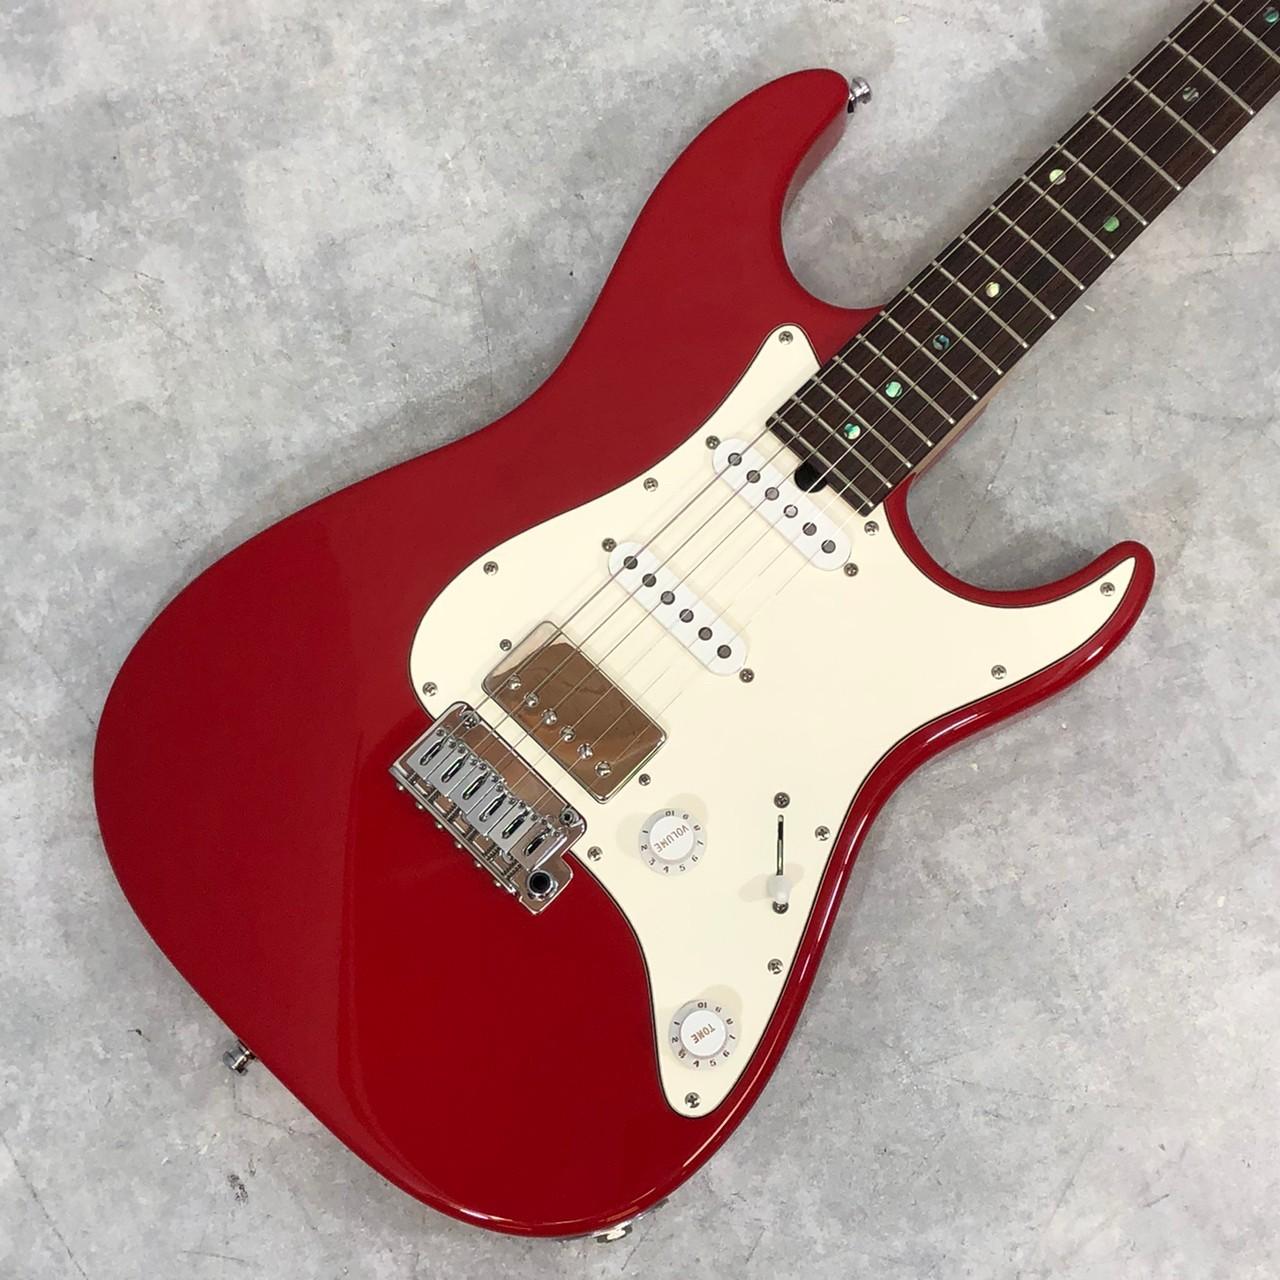 印象のデザイン 【送料無料】T's【送料無料】T's Guiter/DST-Classic Guiter/DST-Classic 22F 22F/Fiesta/Fiesta Red【】【楽器/ティーズギター/ストラトキャスター/エレキギター】, 調理道具の総合市場「厨房の家」:447f8574 --- baecker-innung-westfalen-sued.de